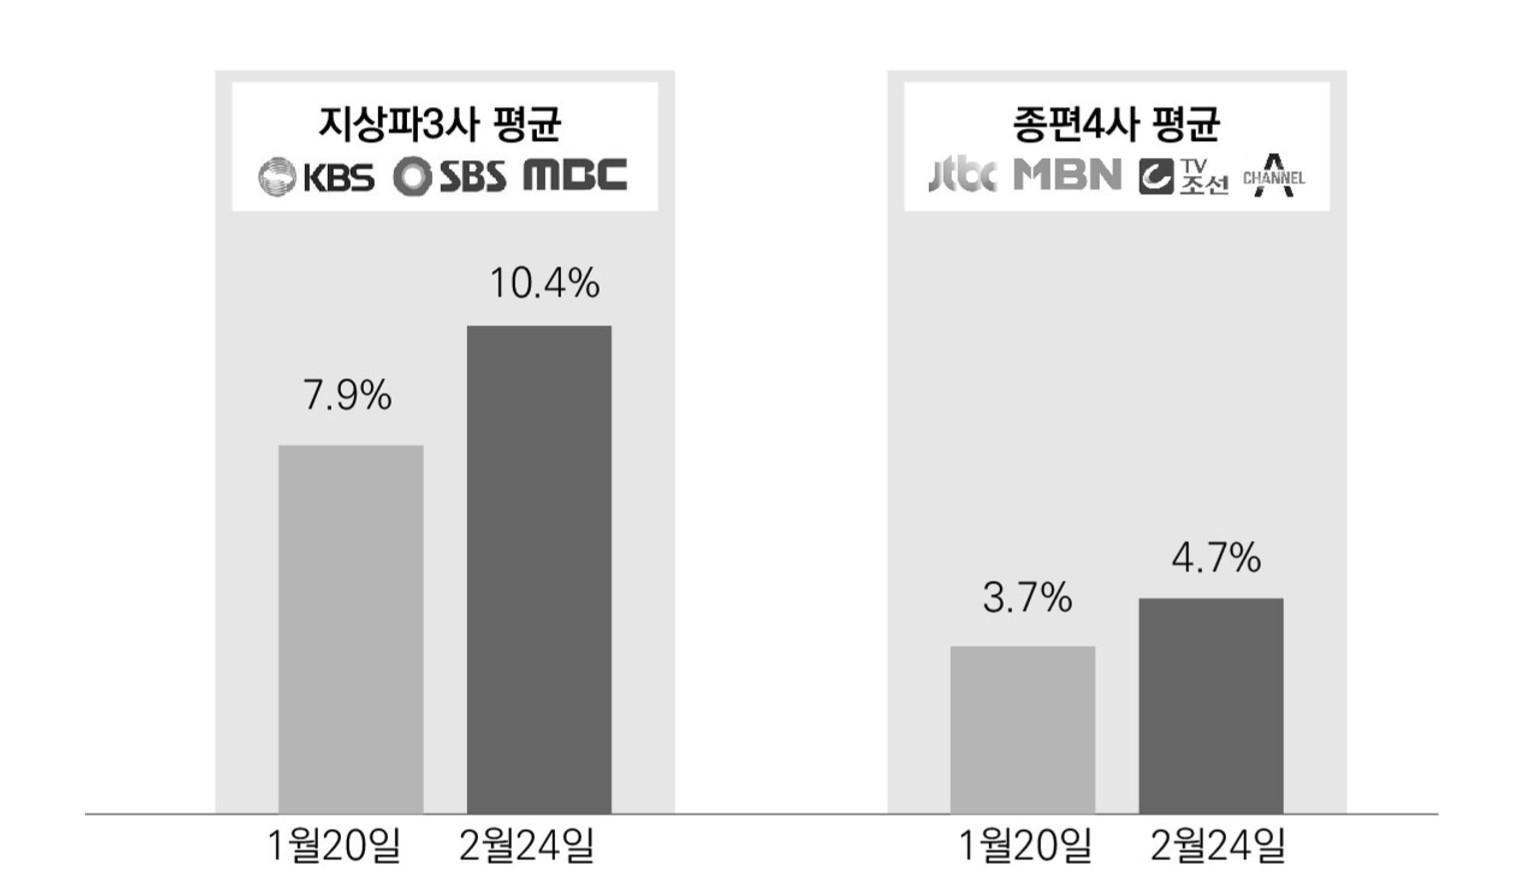 그림 3. 국내 지상파 채널과 종편 채널의 시청률 추이 / 출처 : KISDI(2020. 4).